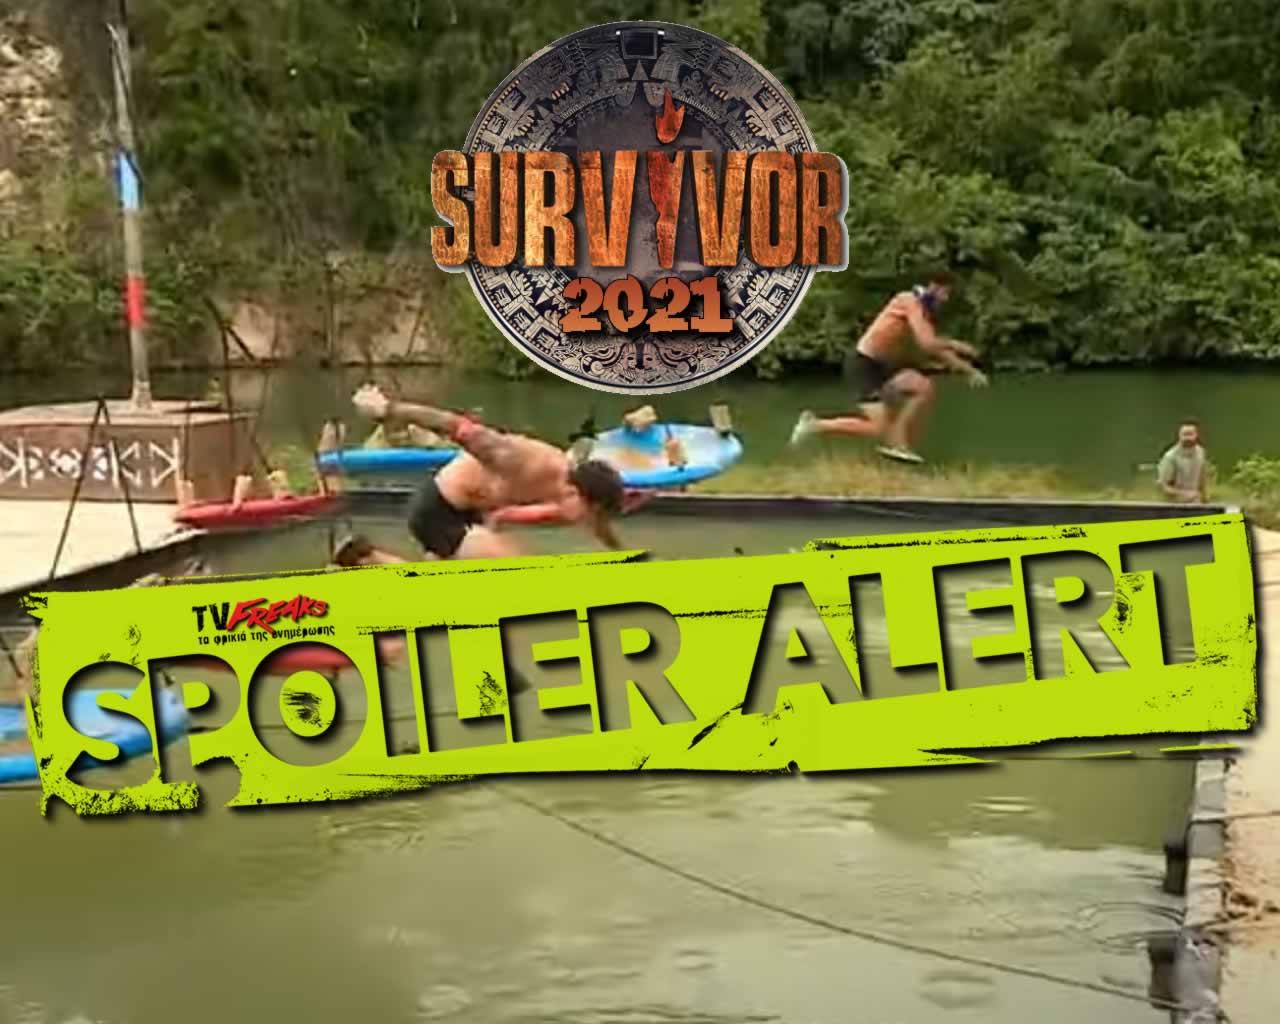 Survivor, Survivor 2021, Survivor 4, SURVIVOR GREECE, SURVIVOR GREECE 2021, Survivor Spoiler, Survivor spoiler 2/2,Survivor Spoiler 2/2,Survivor διαρροή 2/2, Survivor ασυλία, survivor διαρροή 2/2, ειδησεις, ειδήσεις σημερα